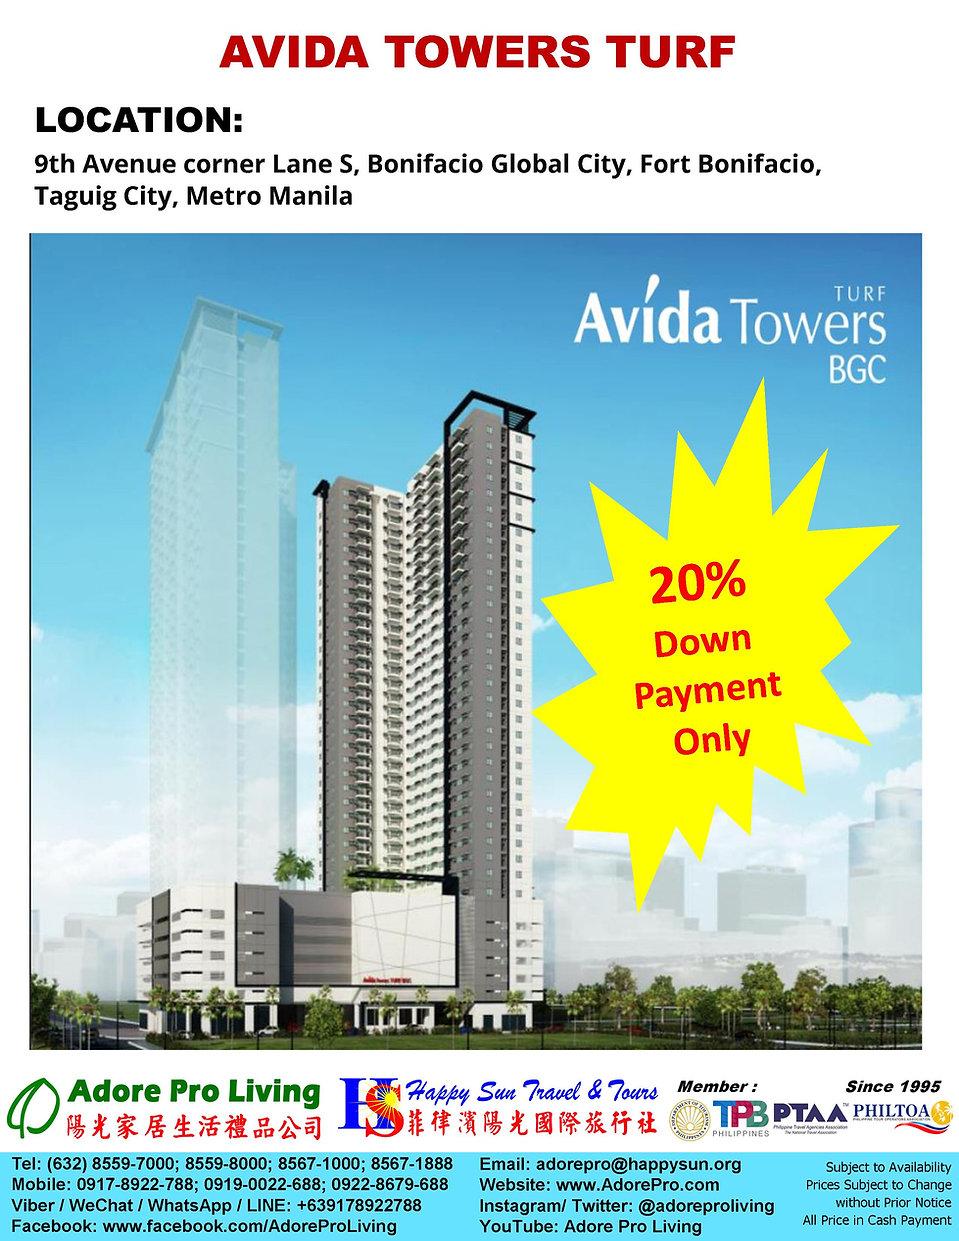 Ayala_AvidaTower_Turf_BGC_1BR+1T&B_Web_2